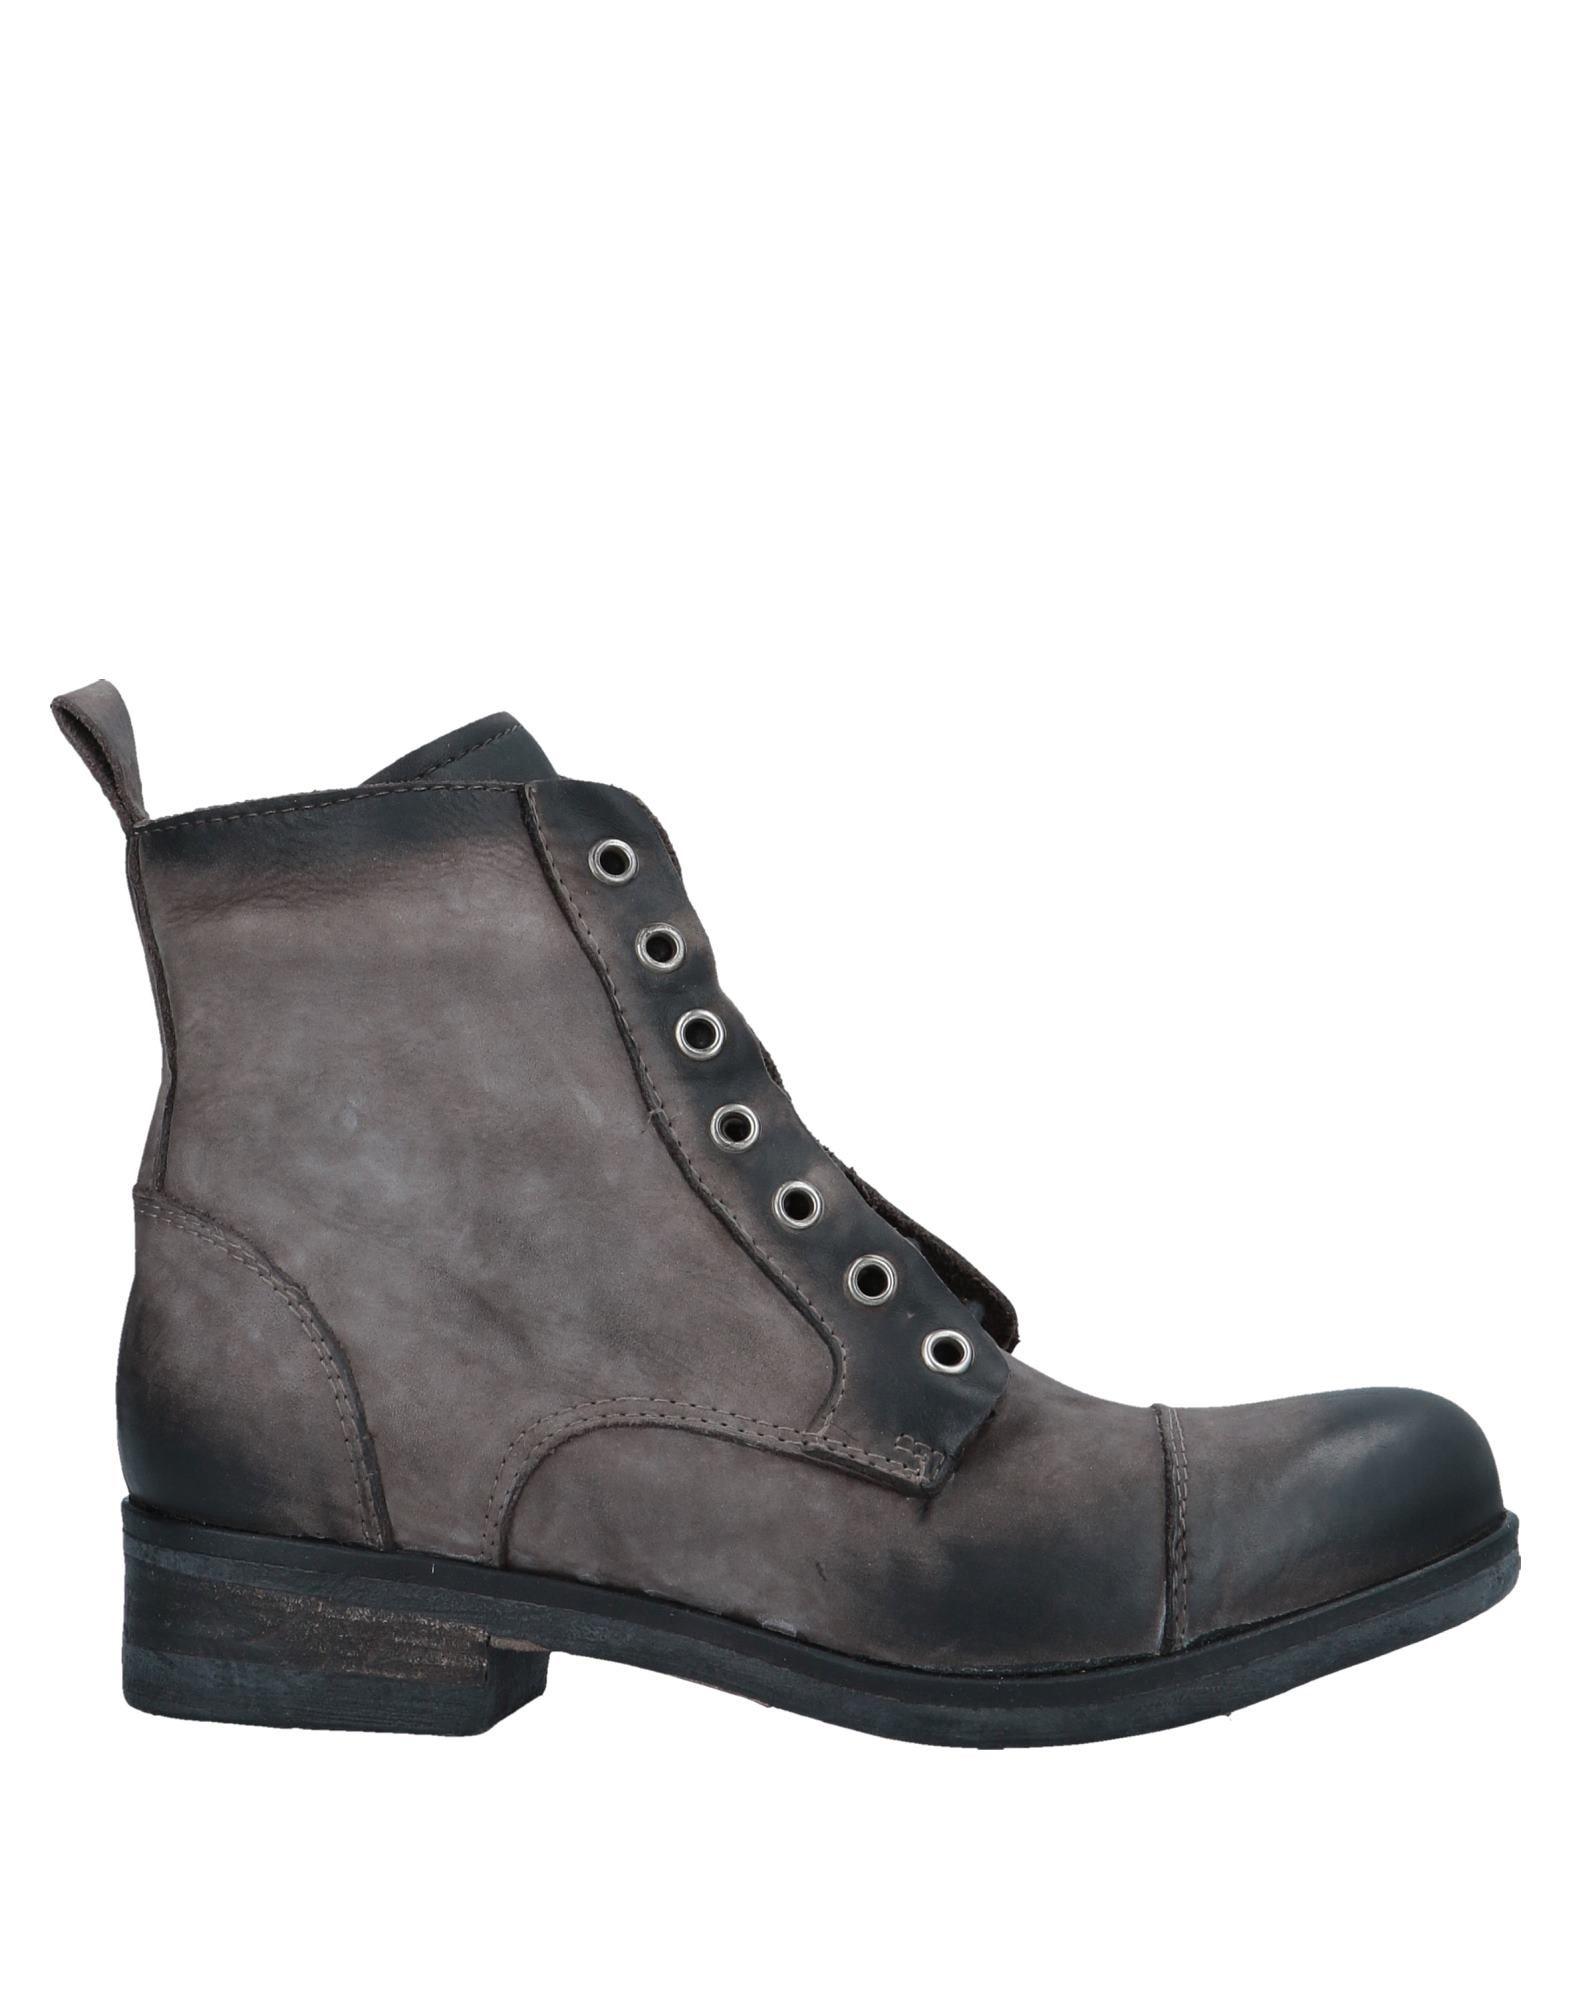 GFG CREAZIONI Полусапоги и высокие ботинки ремень marina creazioni ремень р2474 10 d98885